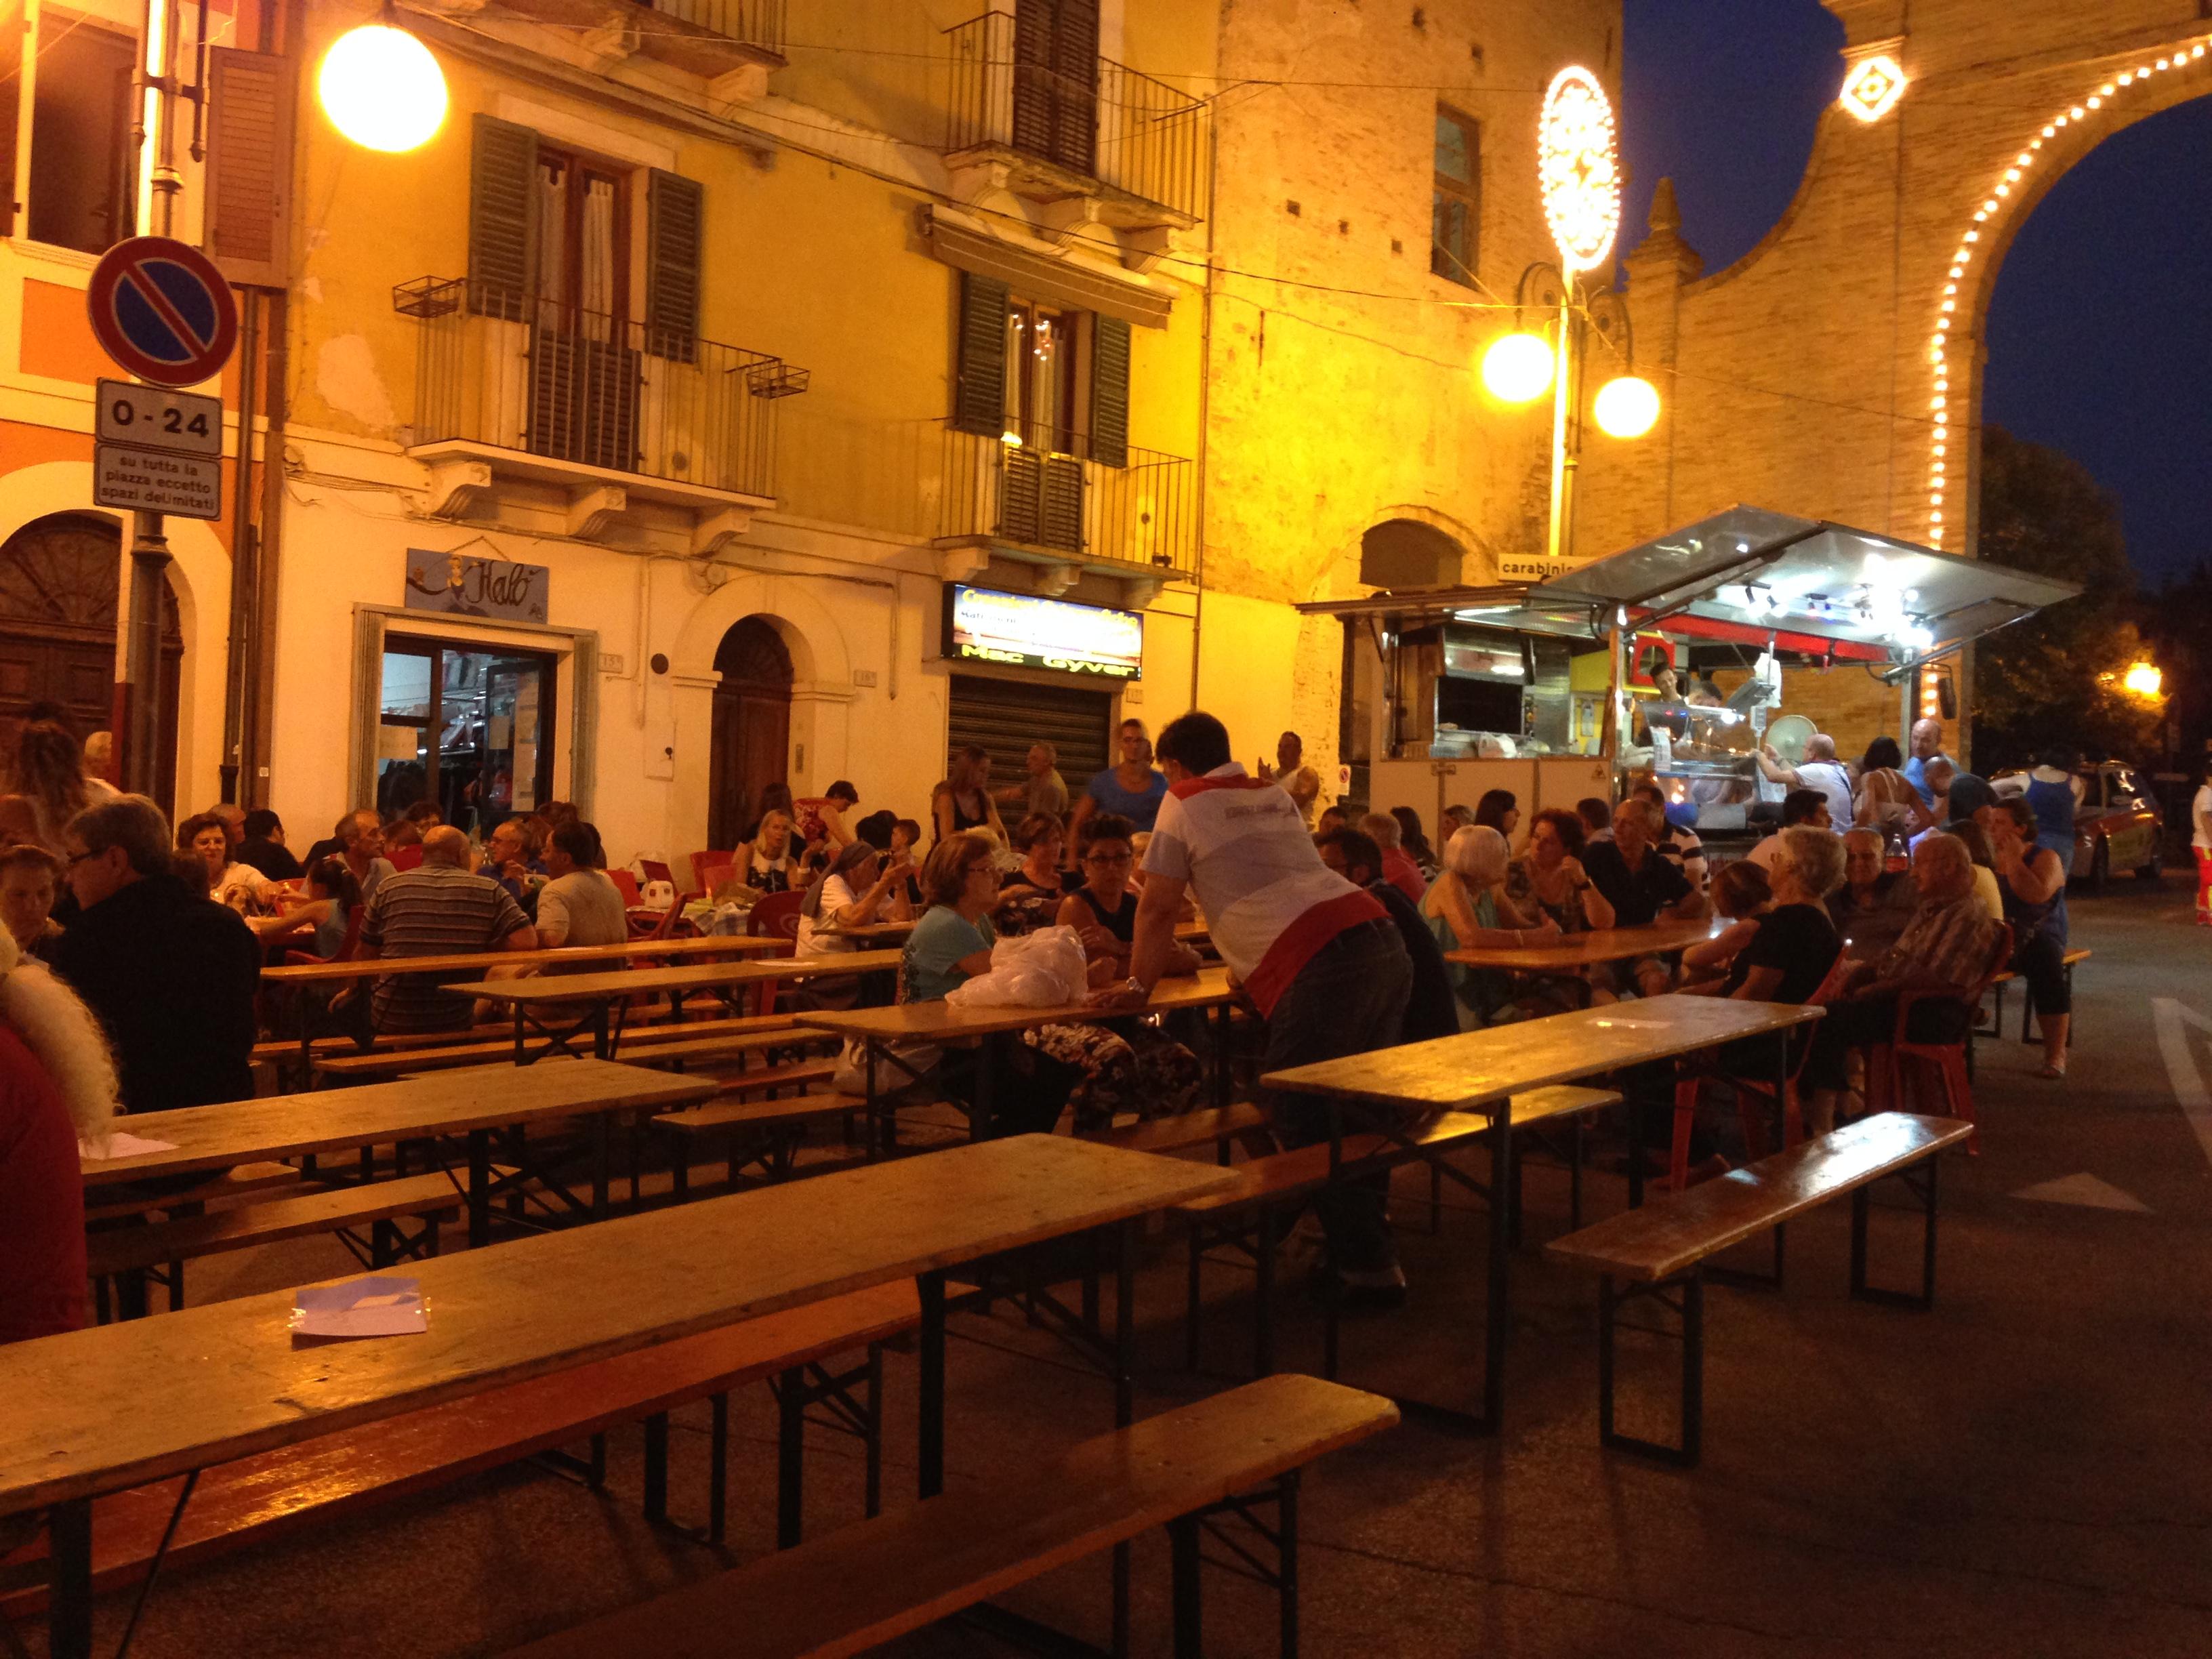 מתחם אוכל בפסטיבל כפרי בלילה